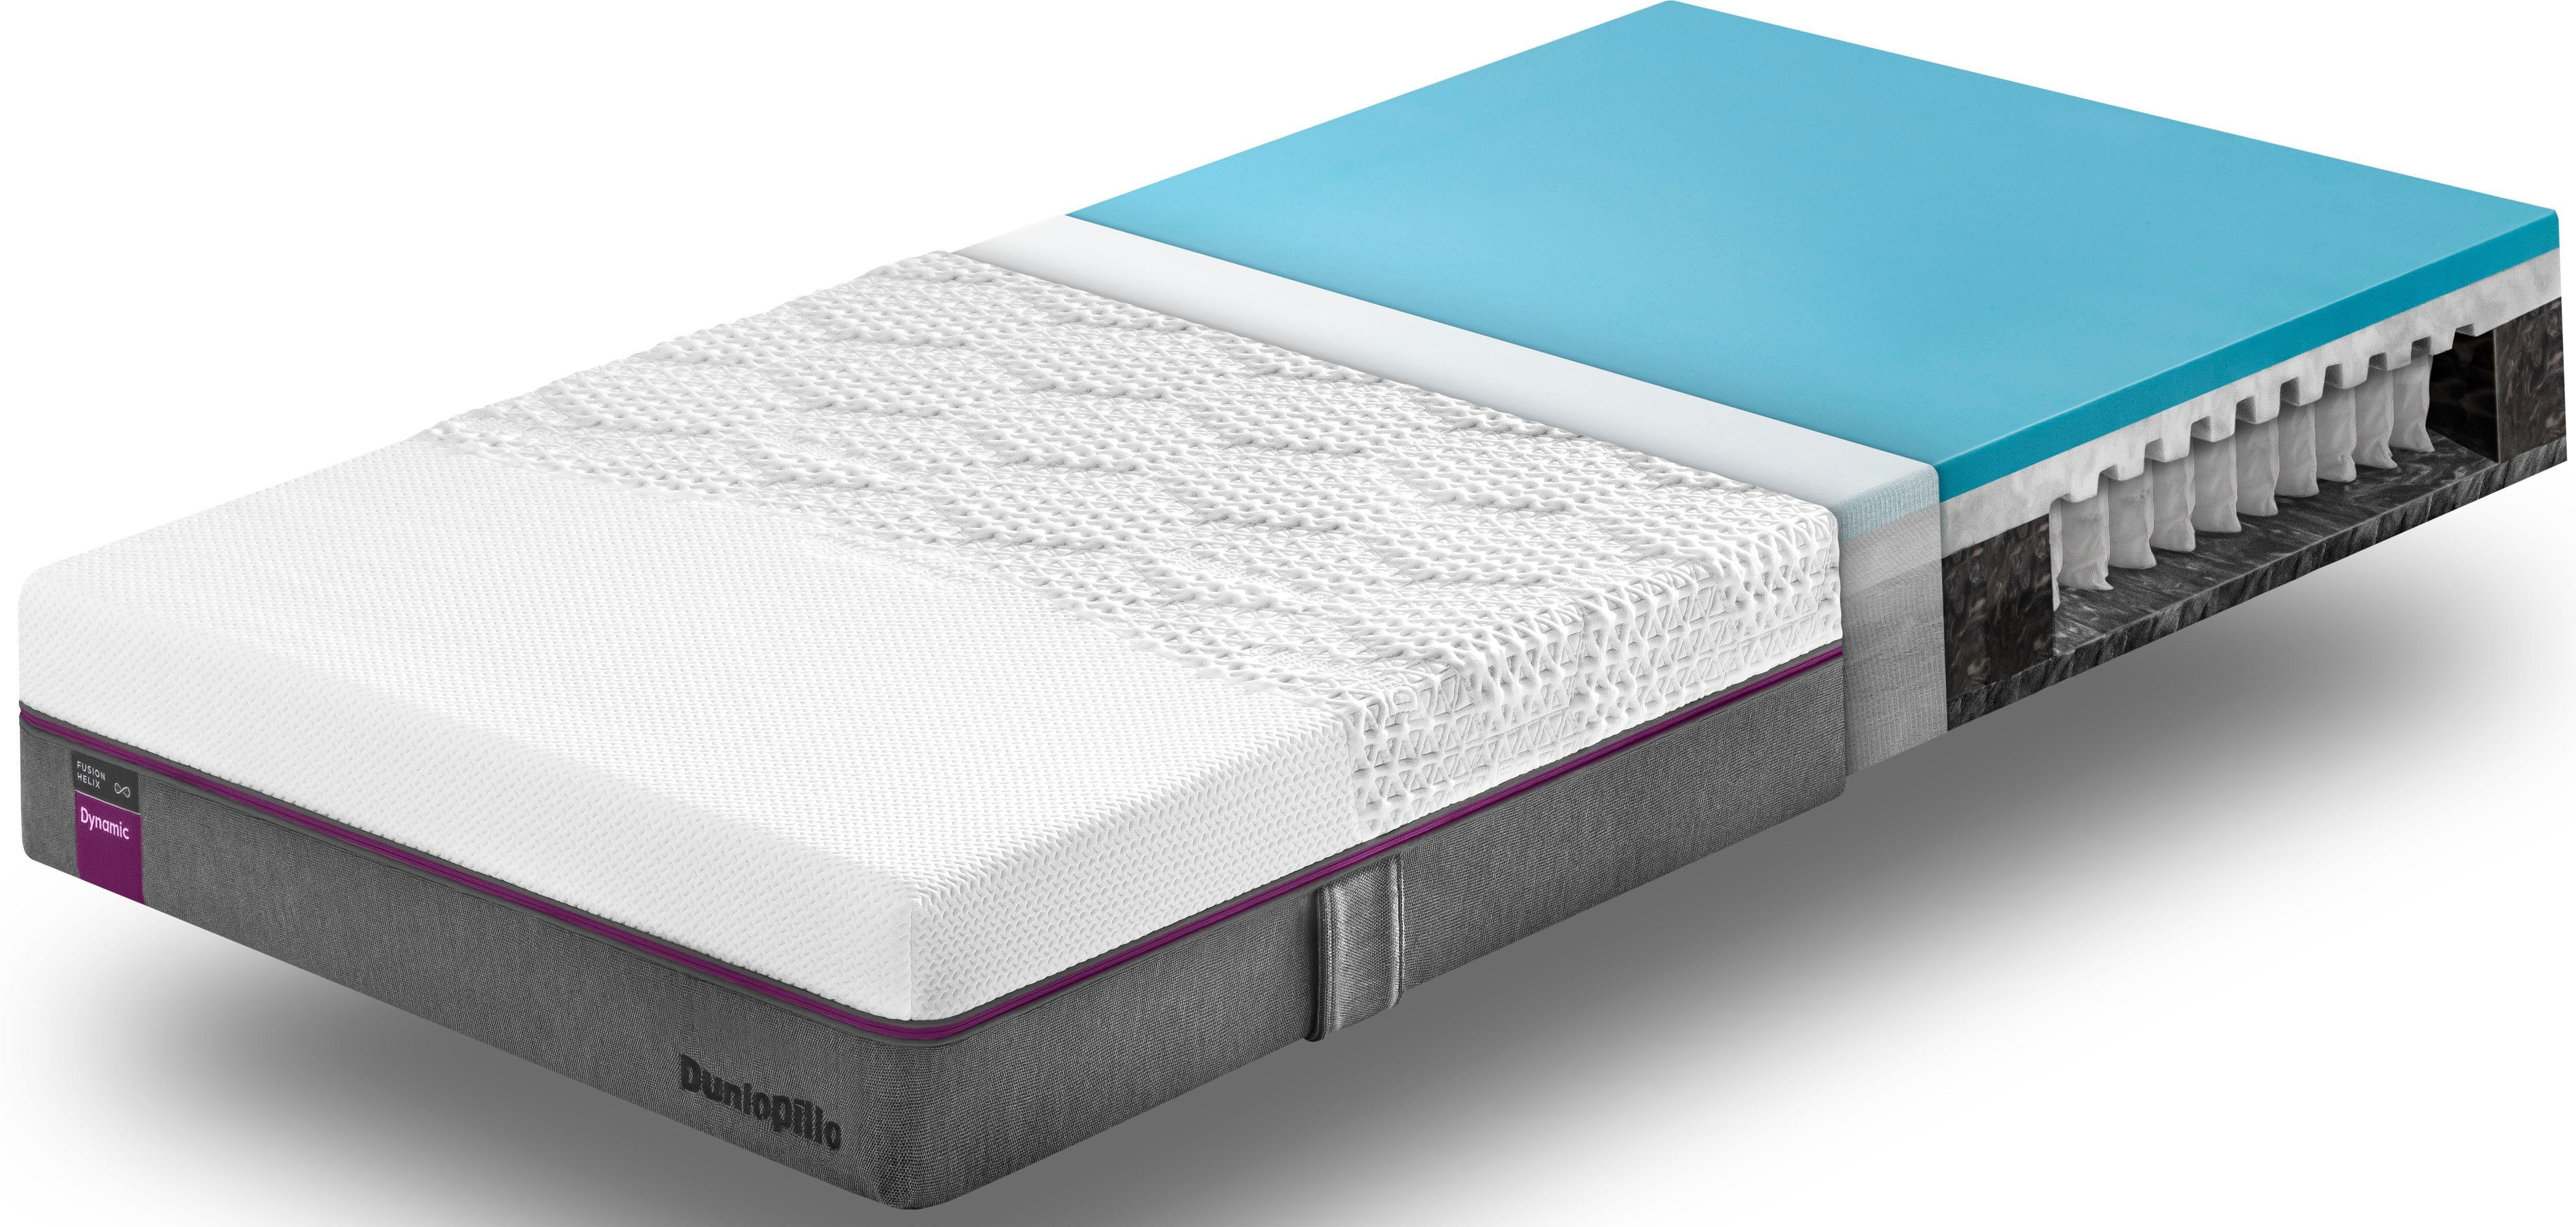 Taschenfederkernmatratze Fusion Helix Dynamic Dunlopillo better sleep 23 cm hoch